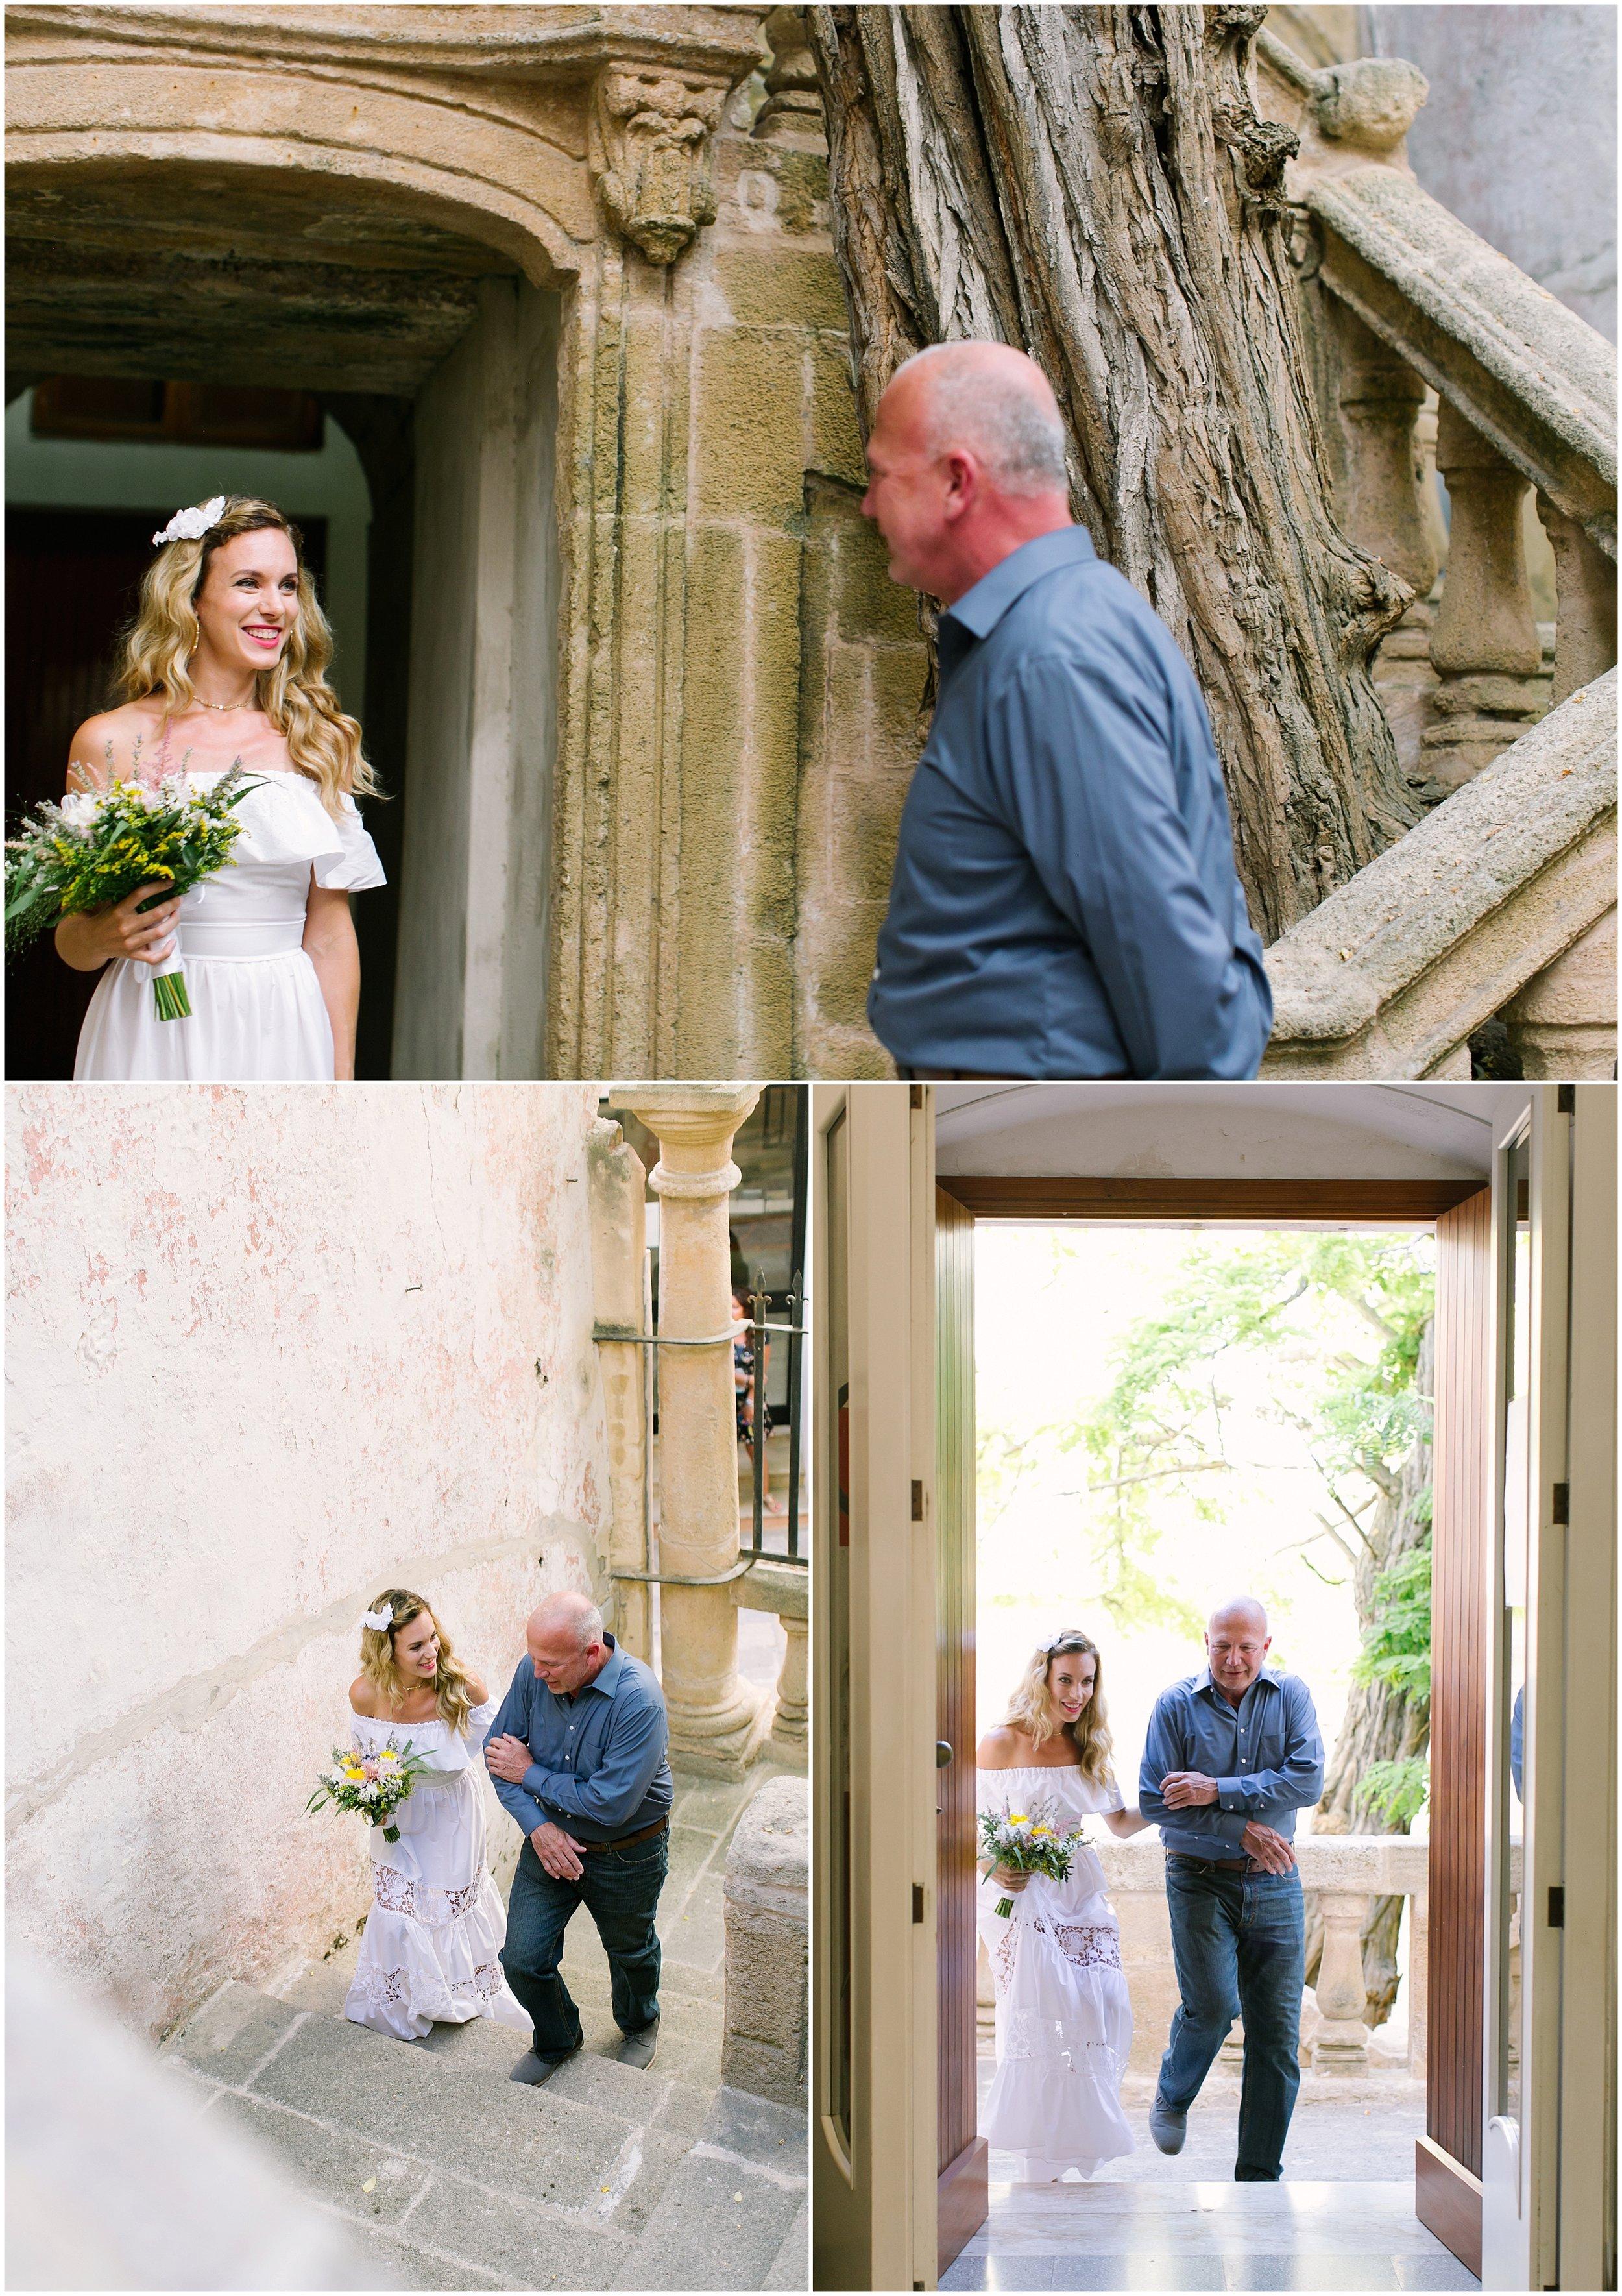 Alea Lovely Destination Wedding Photographer Italy_0015.jpg